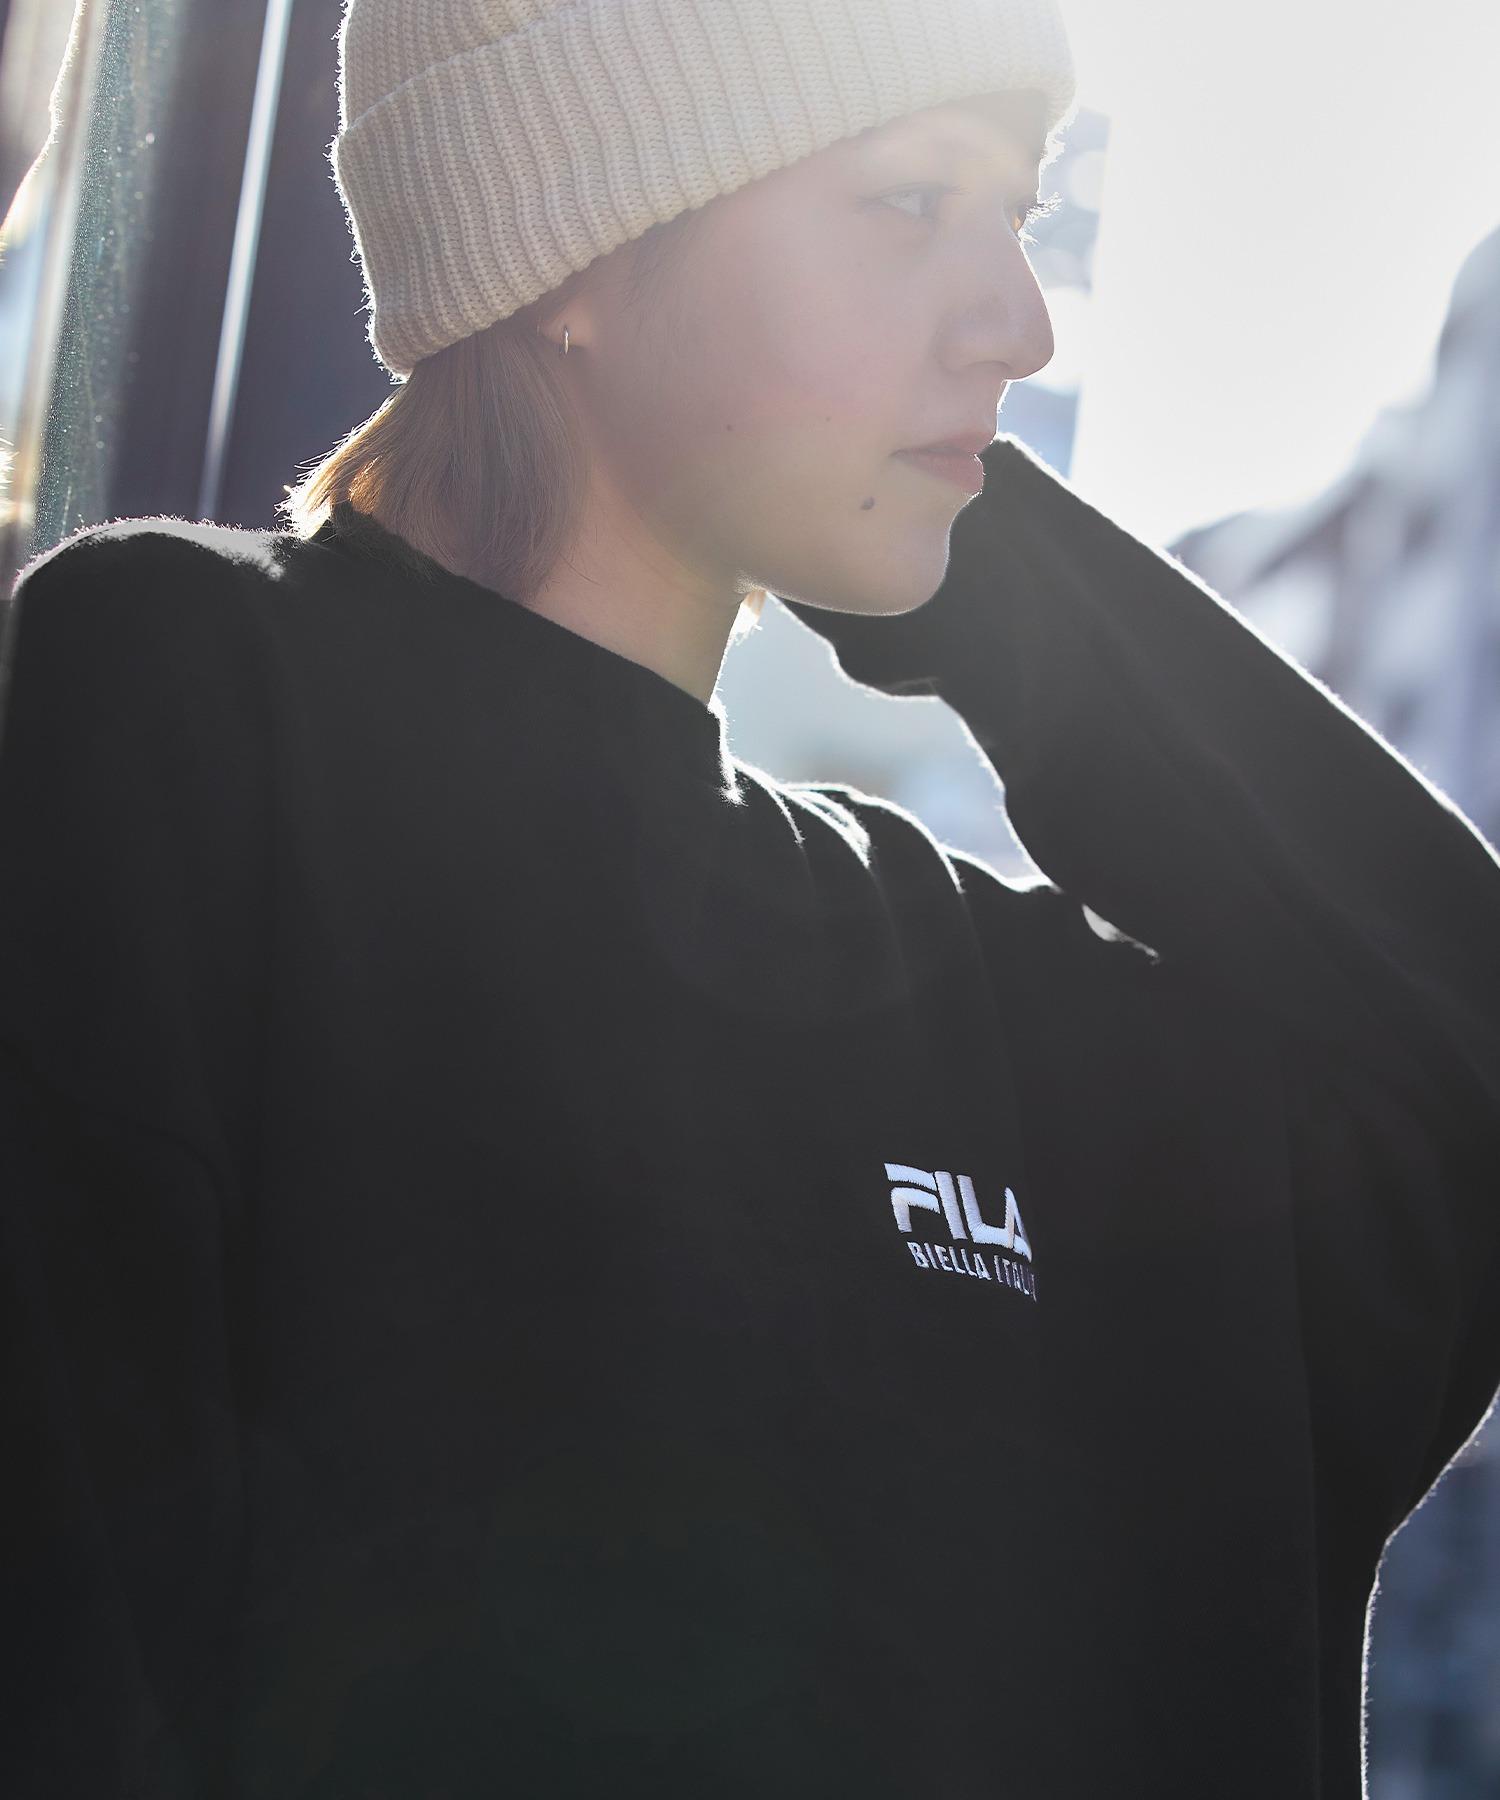 FILA/ フィラ フロント刺繍&バックロゴプリント ビッグシルエット裏毛バックスリットスウェット